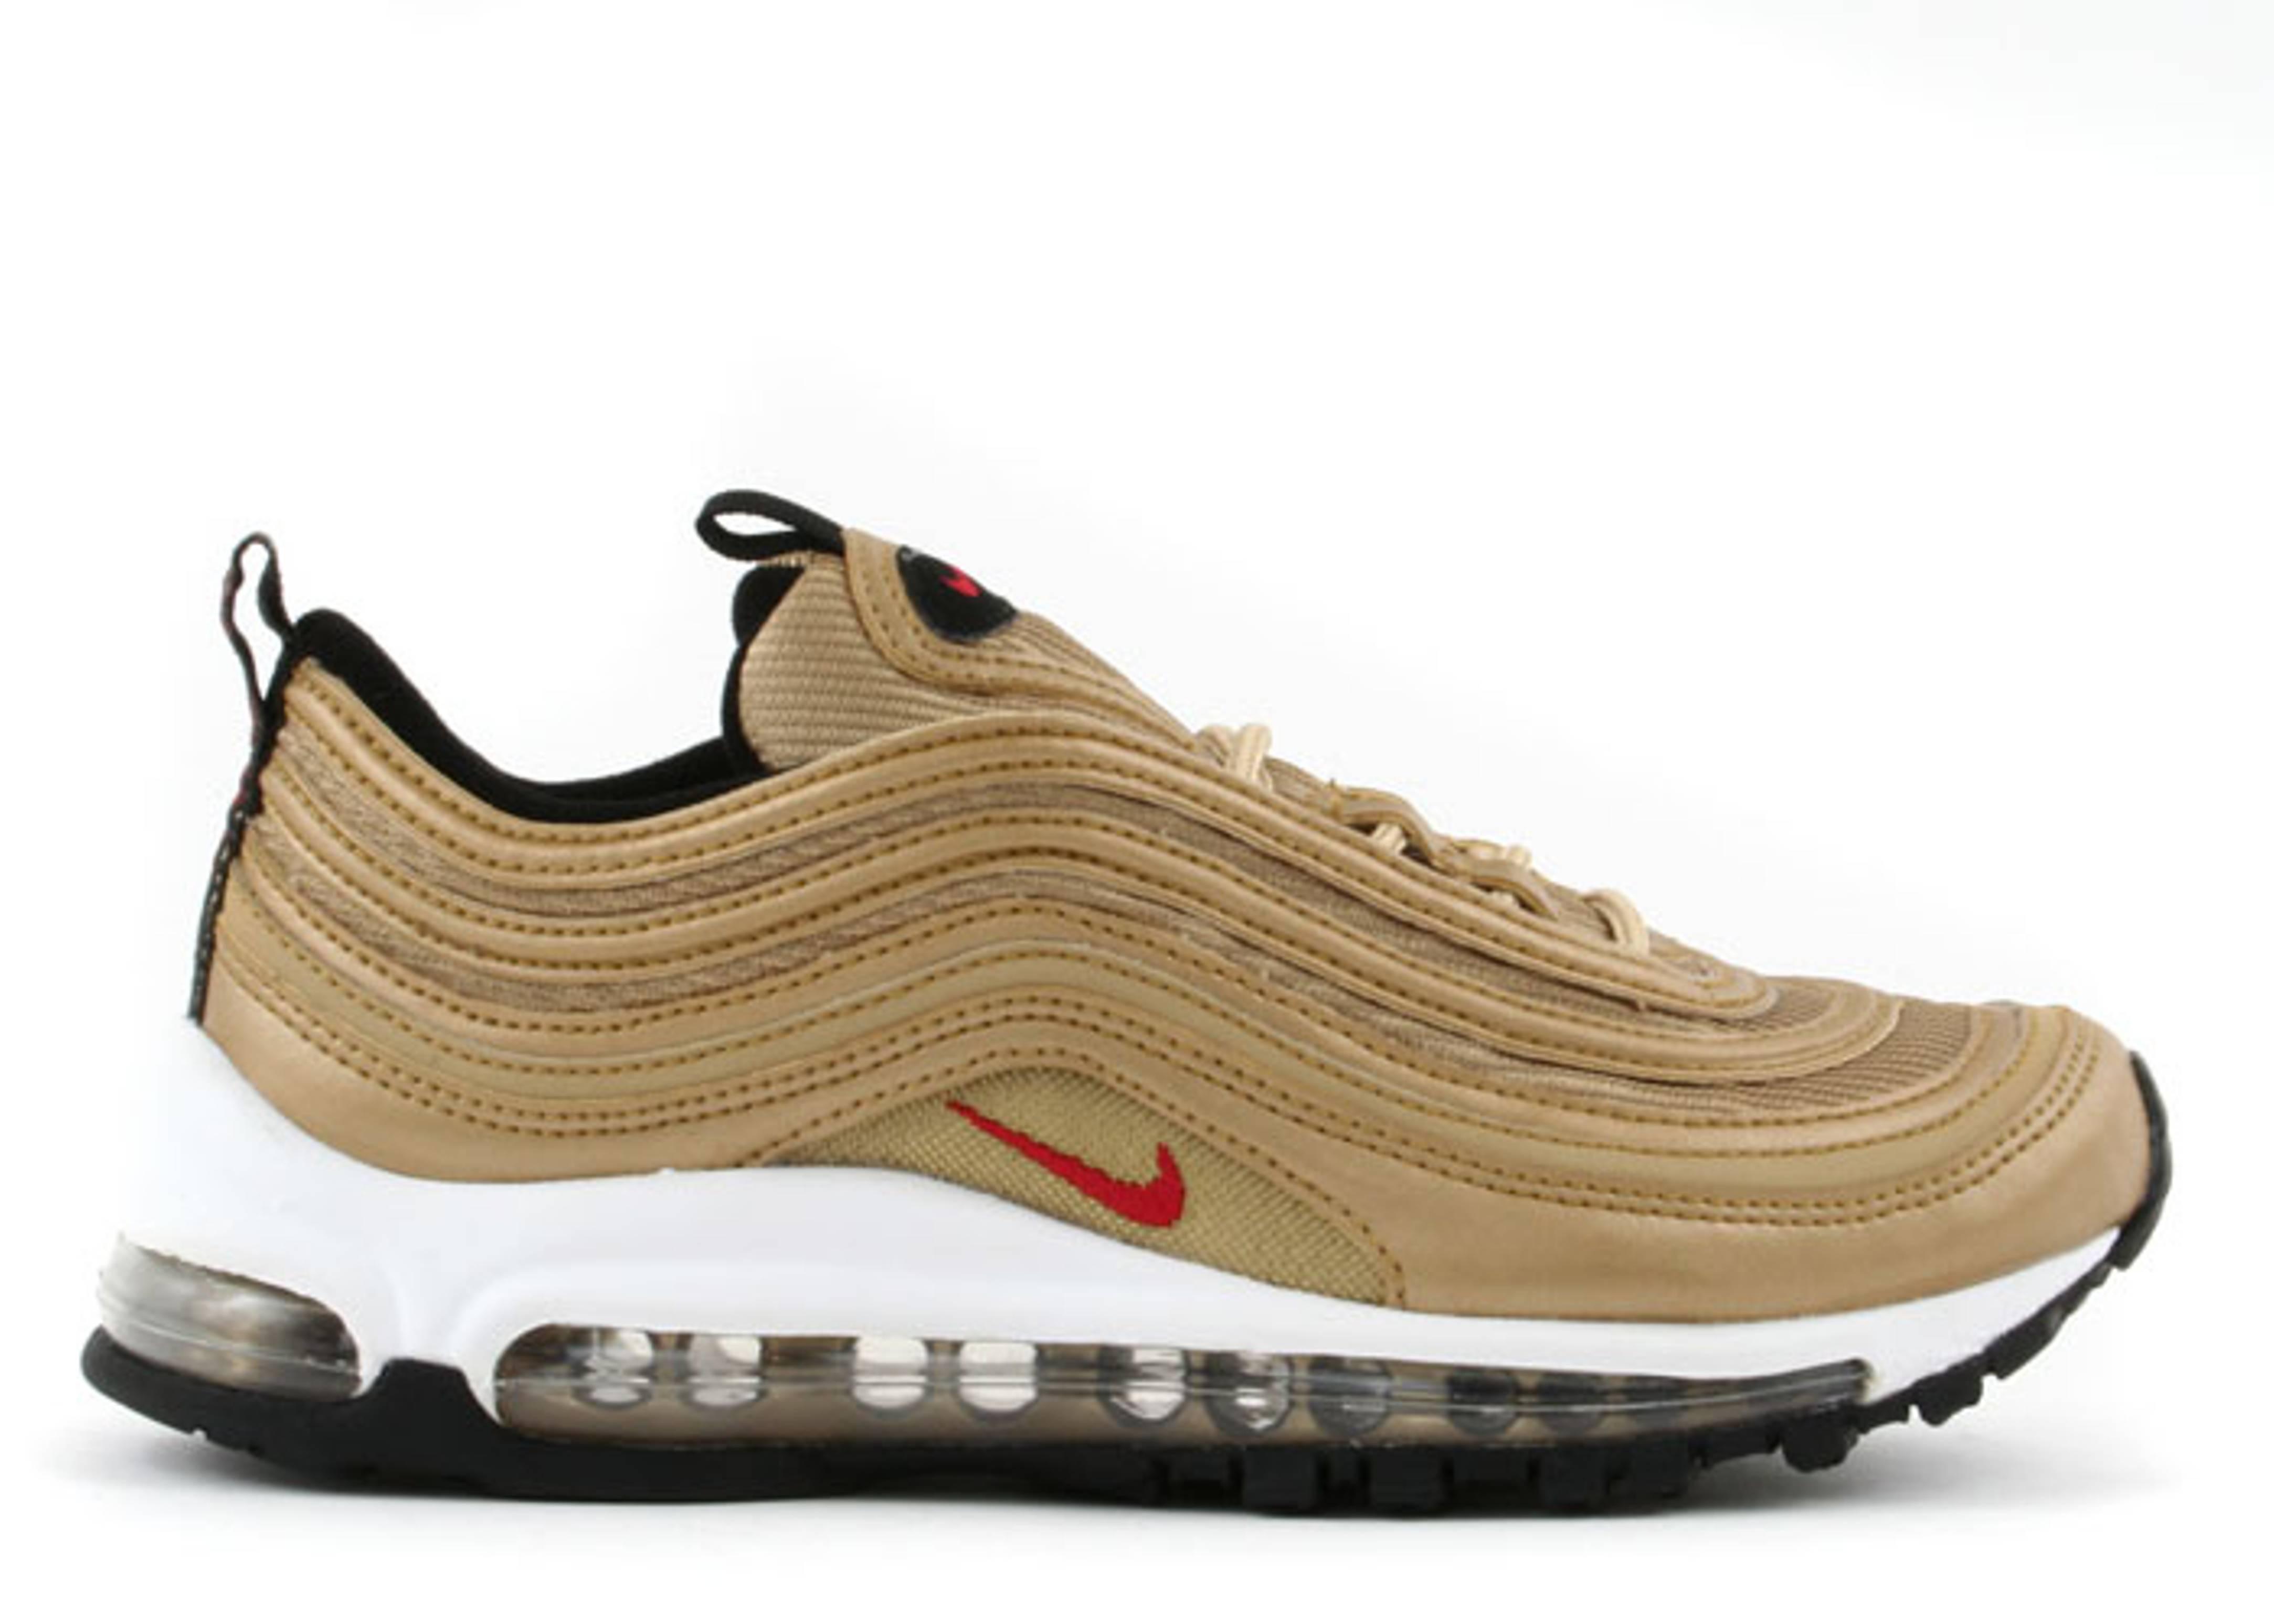 Nike Air Max 97 Chaussures Du Millénaire